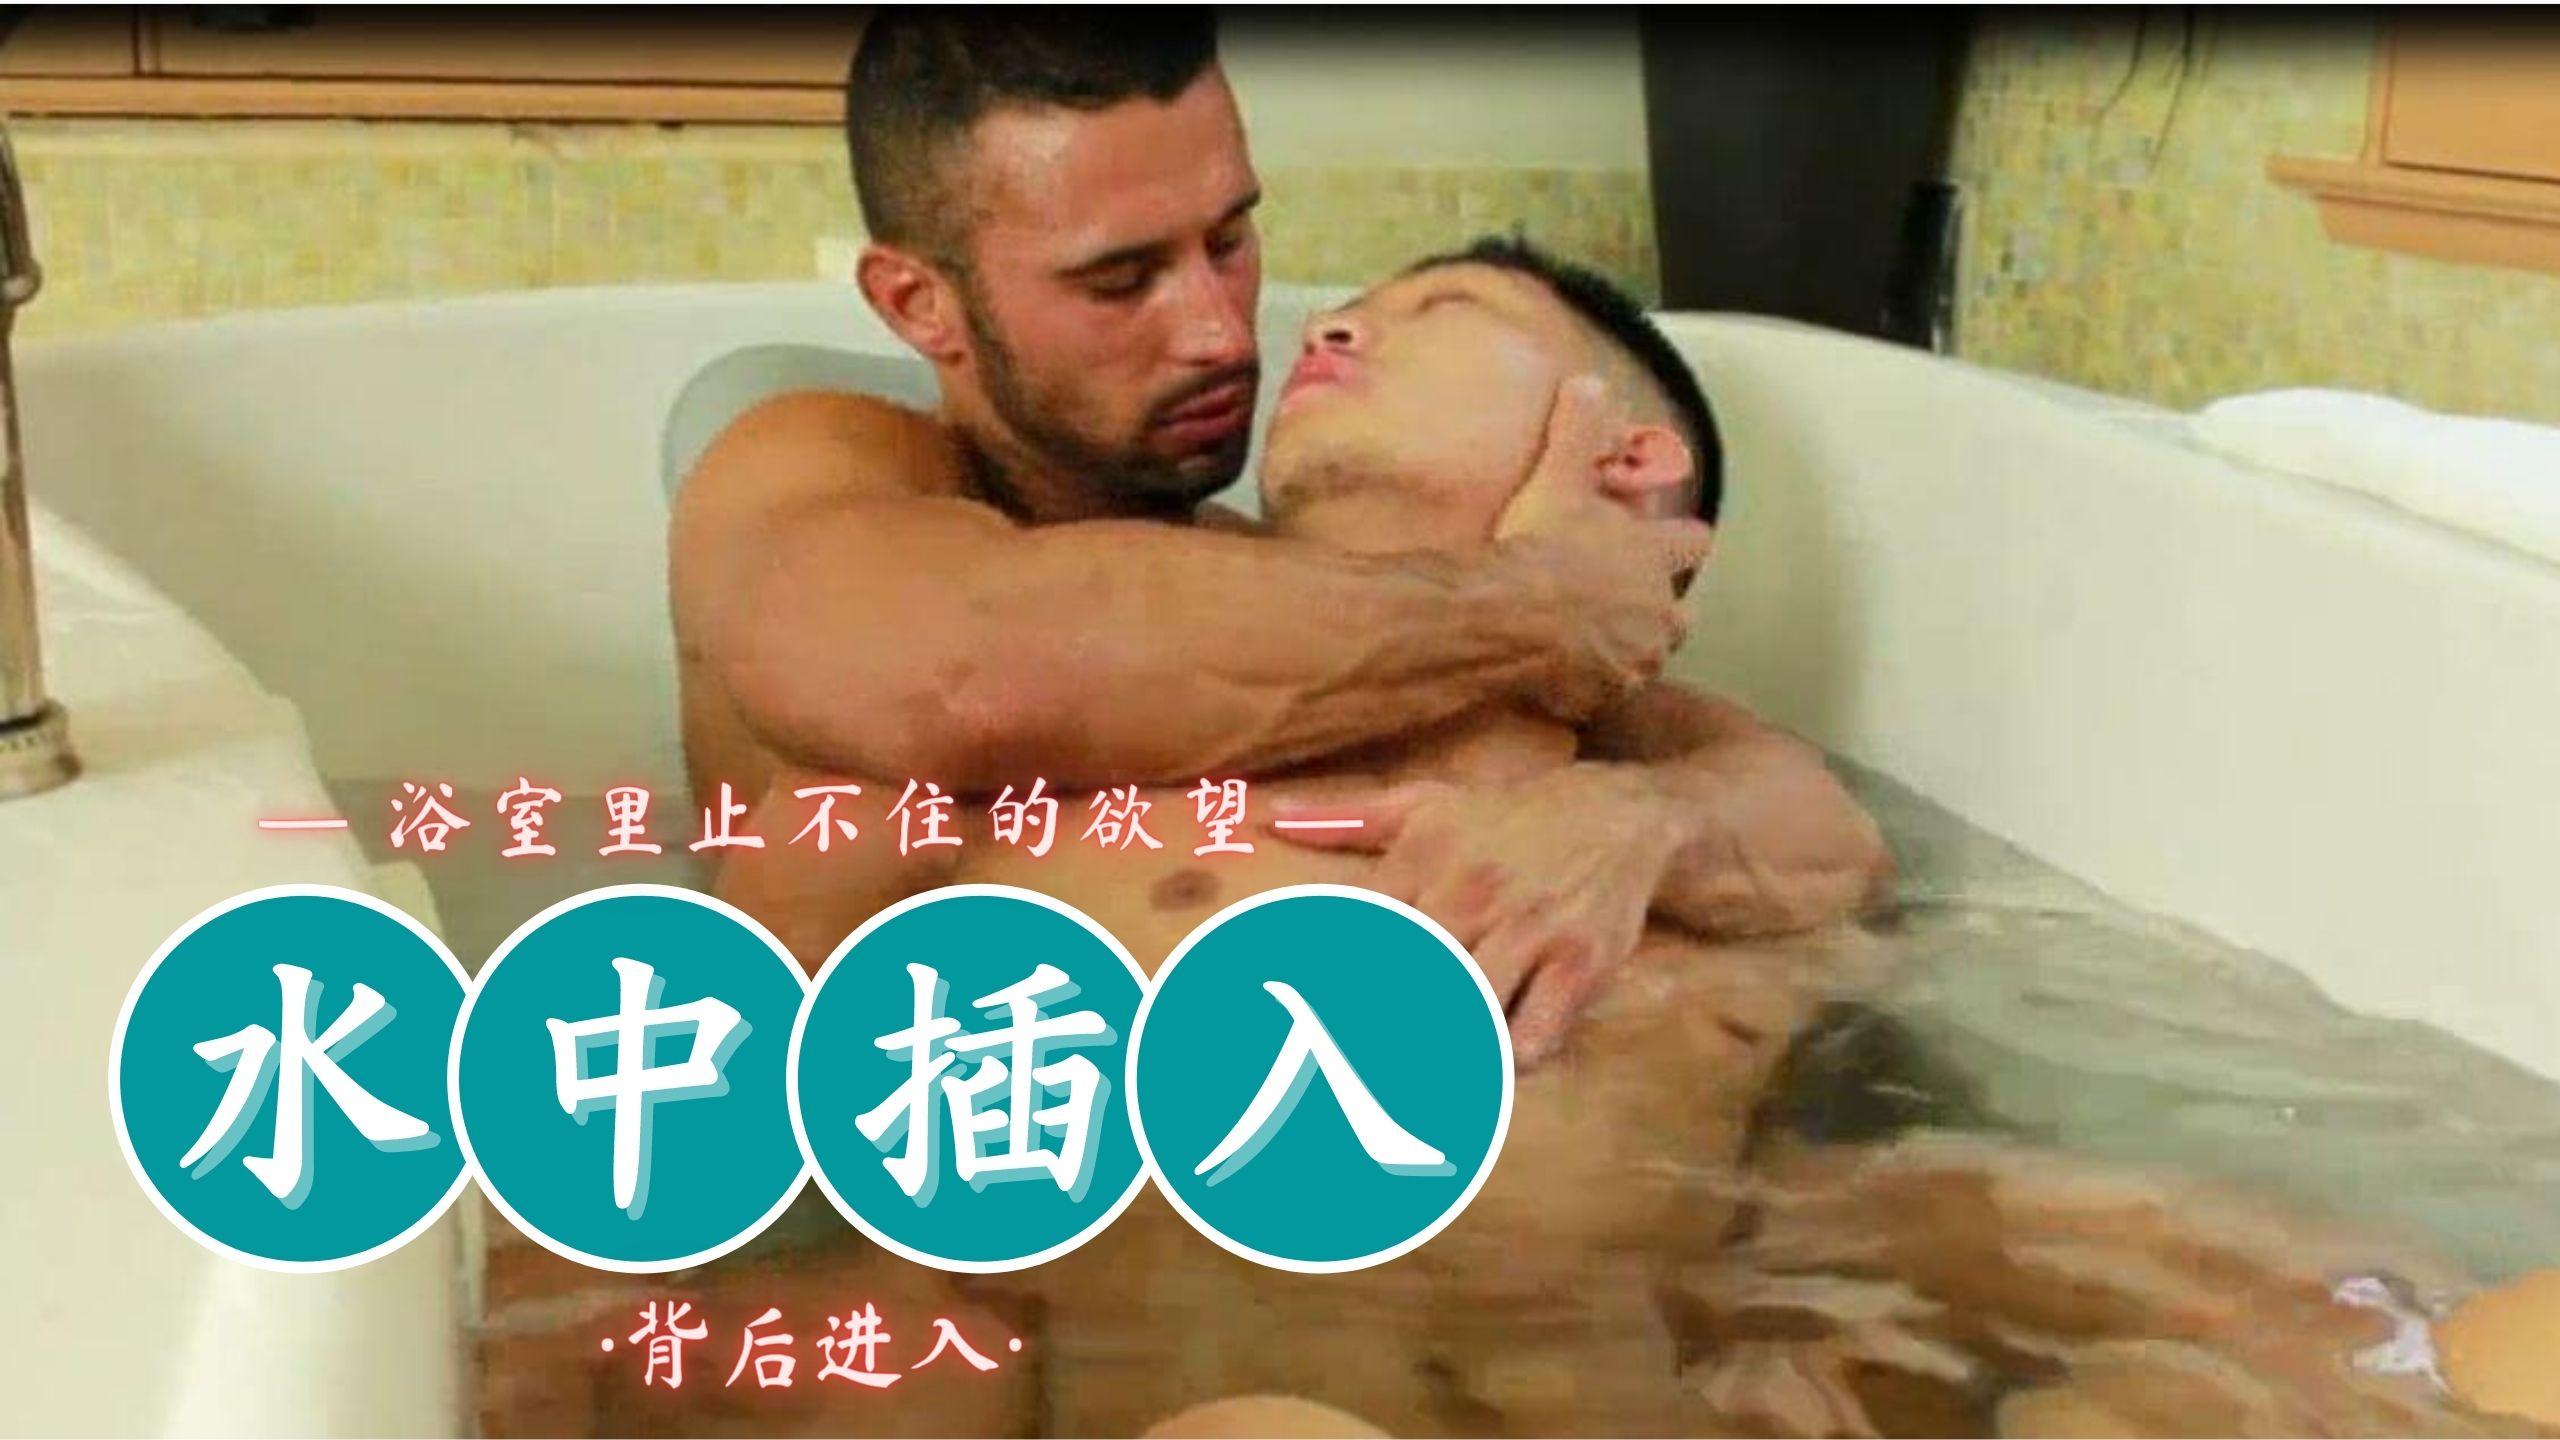 - 老外与日本水里刺激